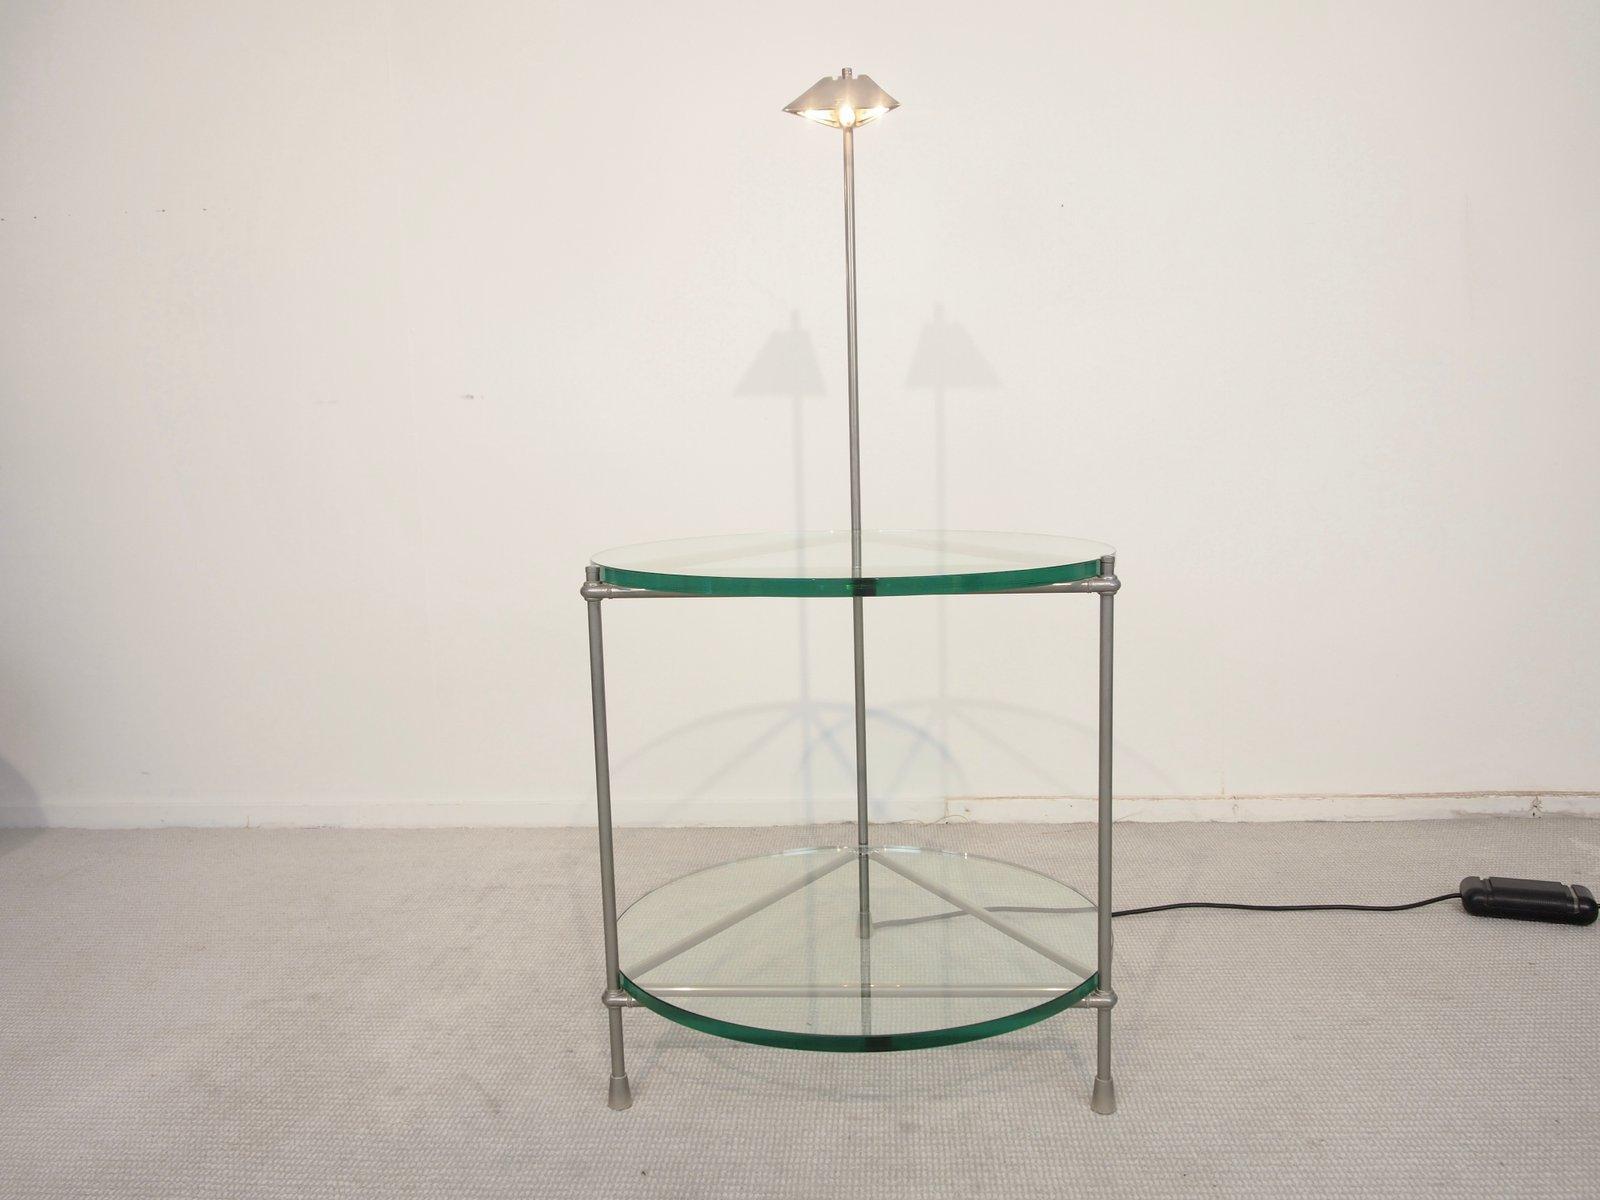 Round beistelltisch aus chrom und glas mit integrierter lampe von peter ghyzcy bei pamono kaufen Beistelltisch glas chrom